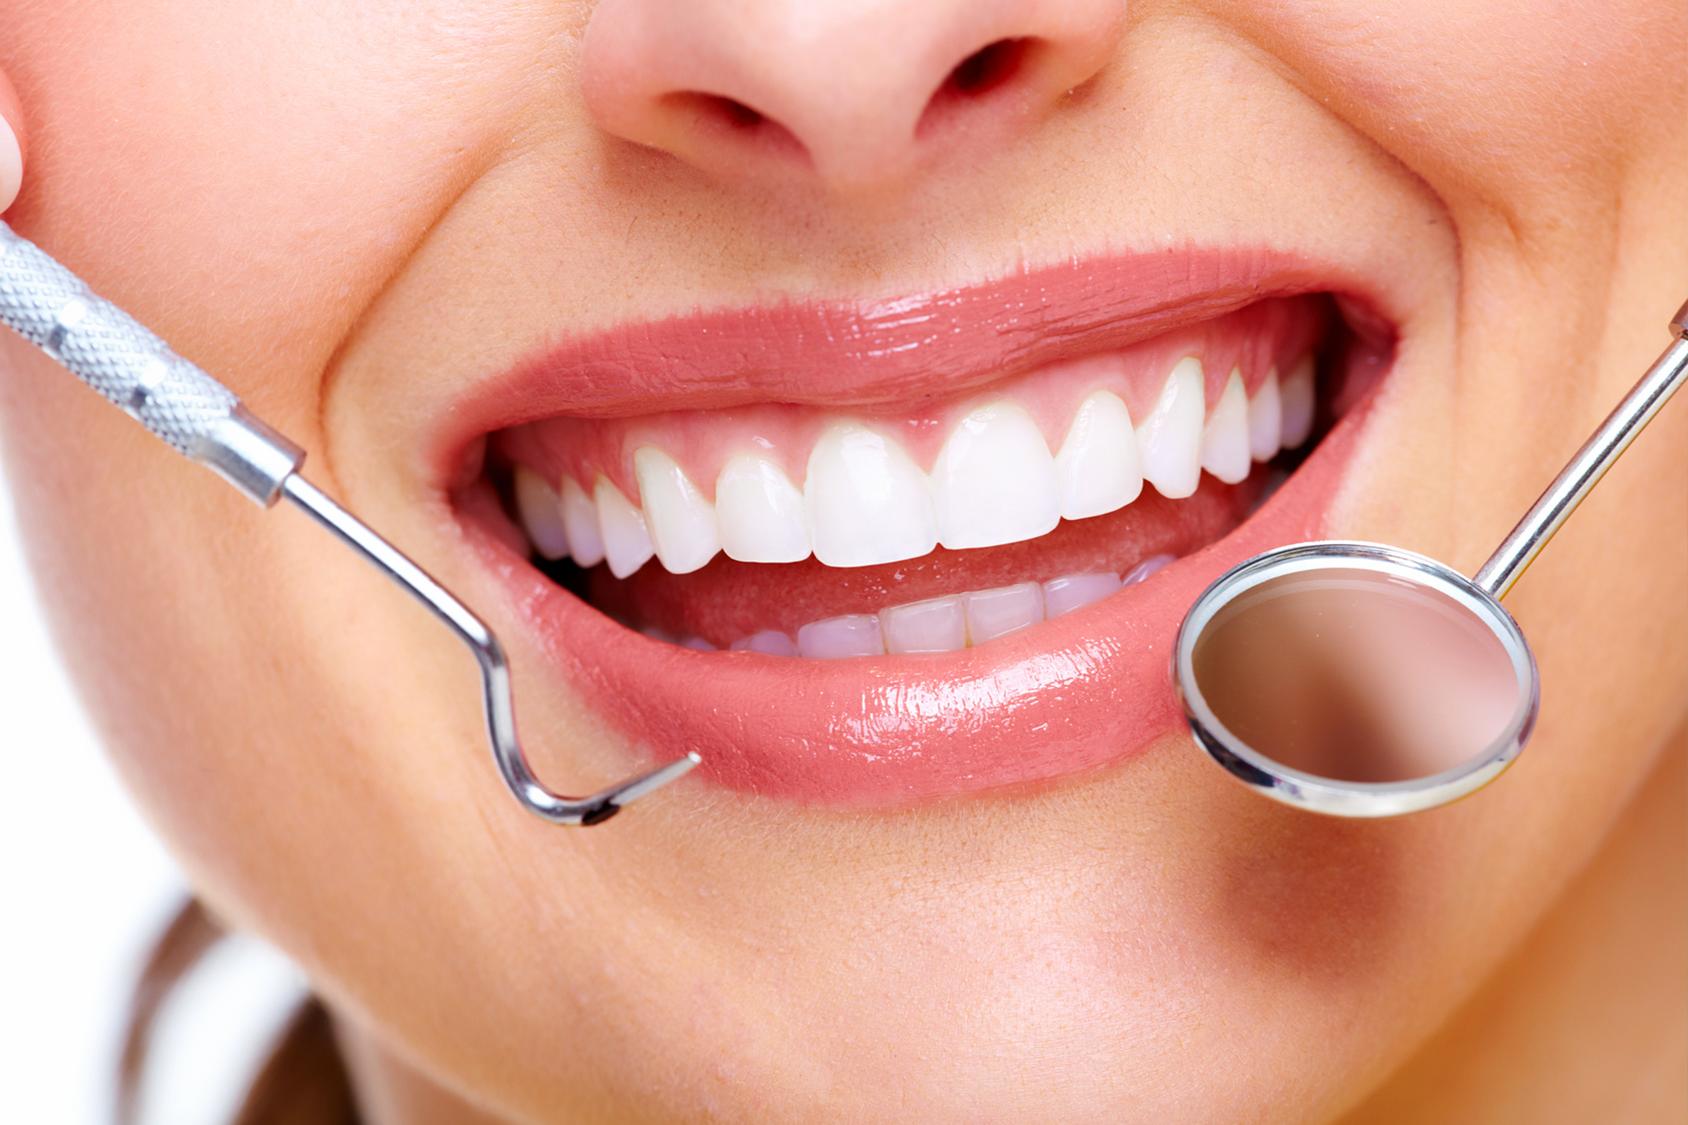 Più igiene, meno carie: così i bimbi di oggi hanno denti più sani